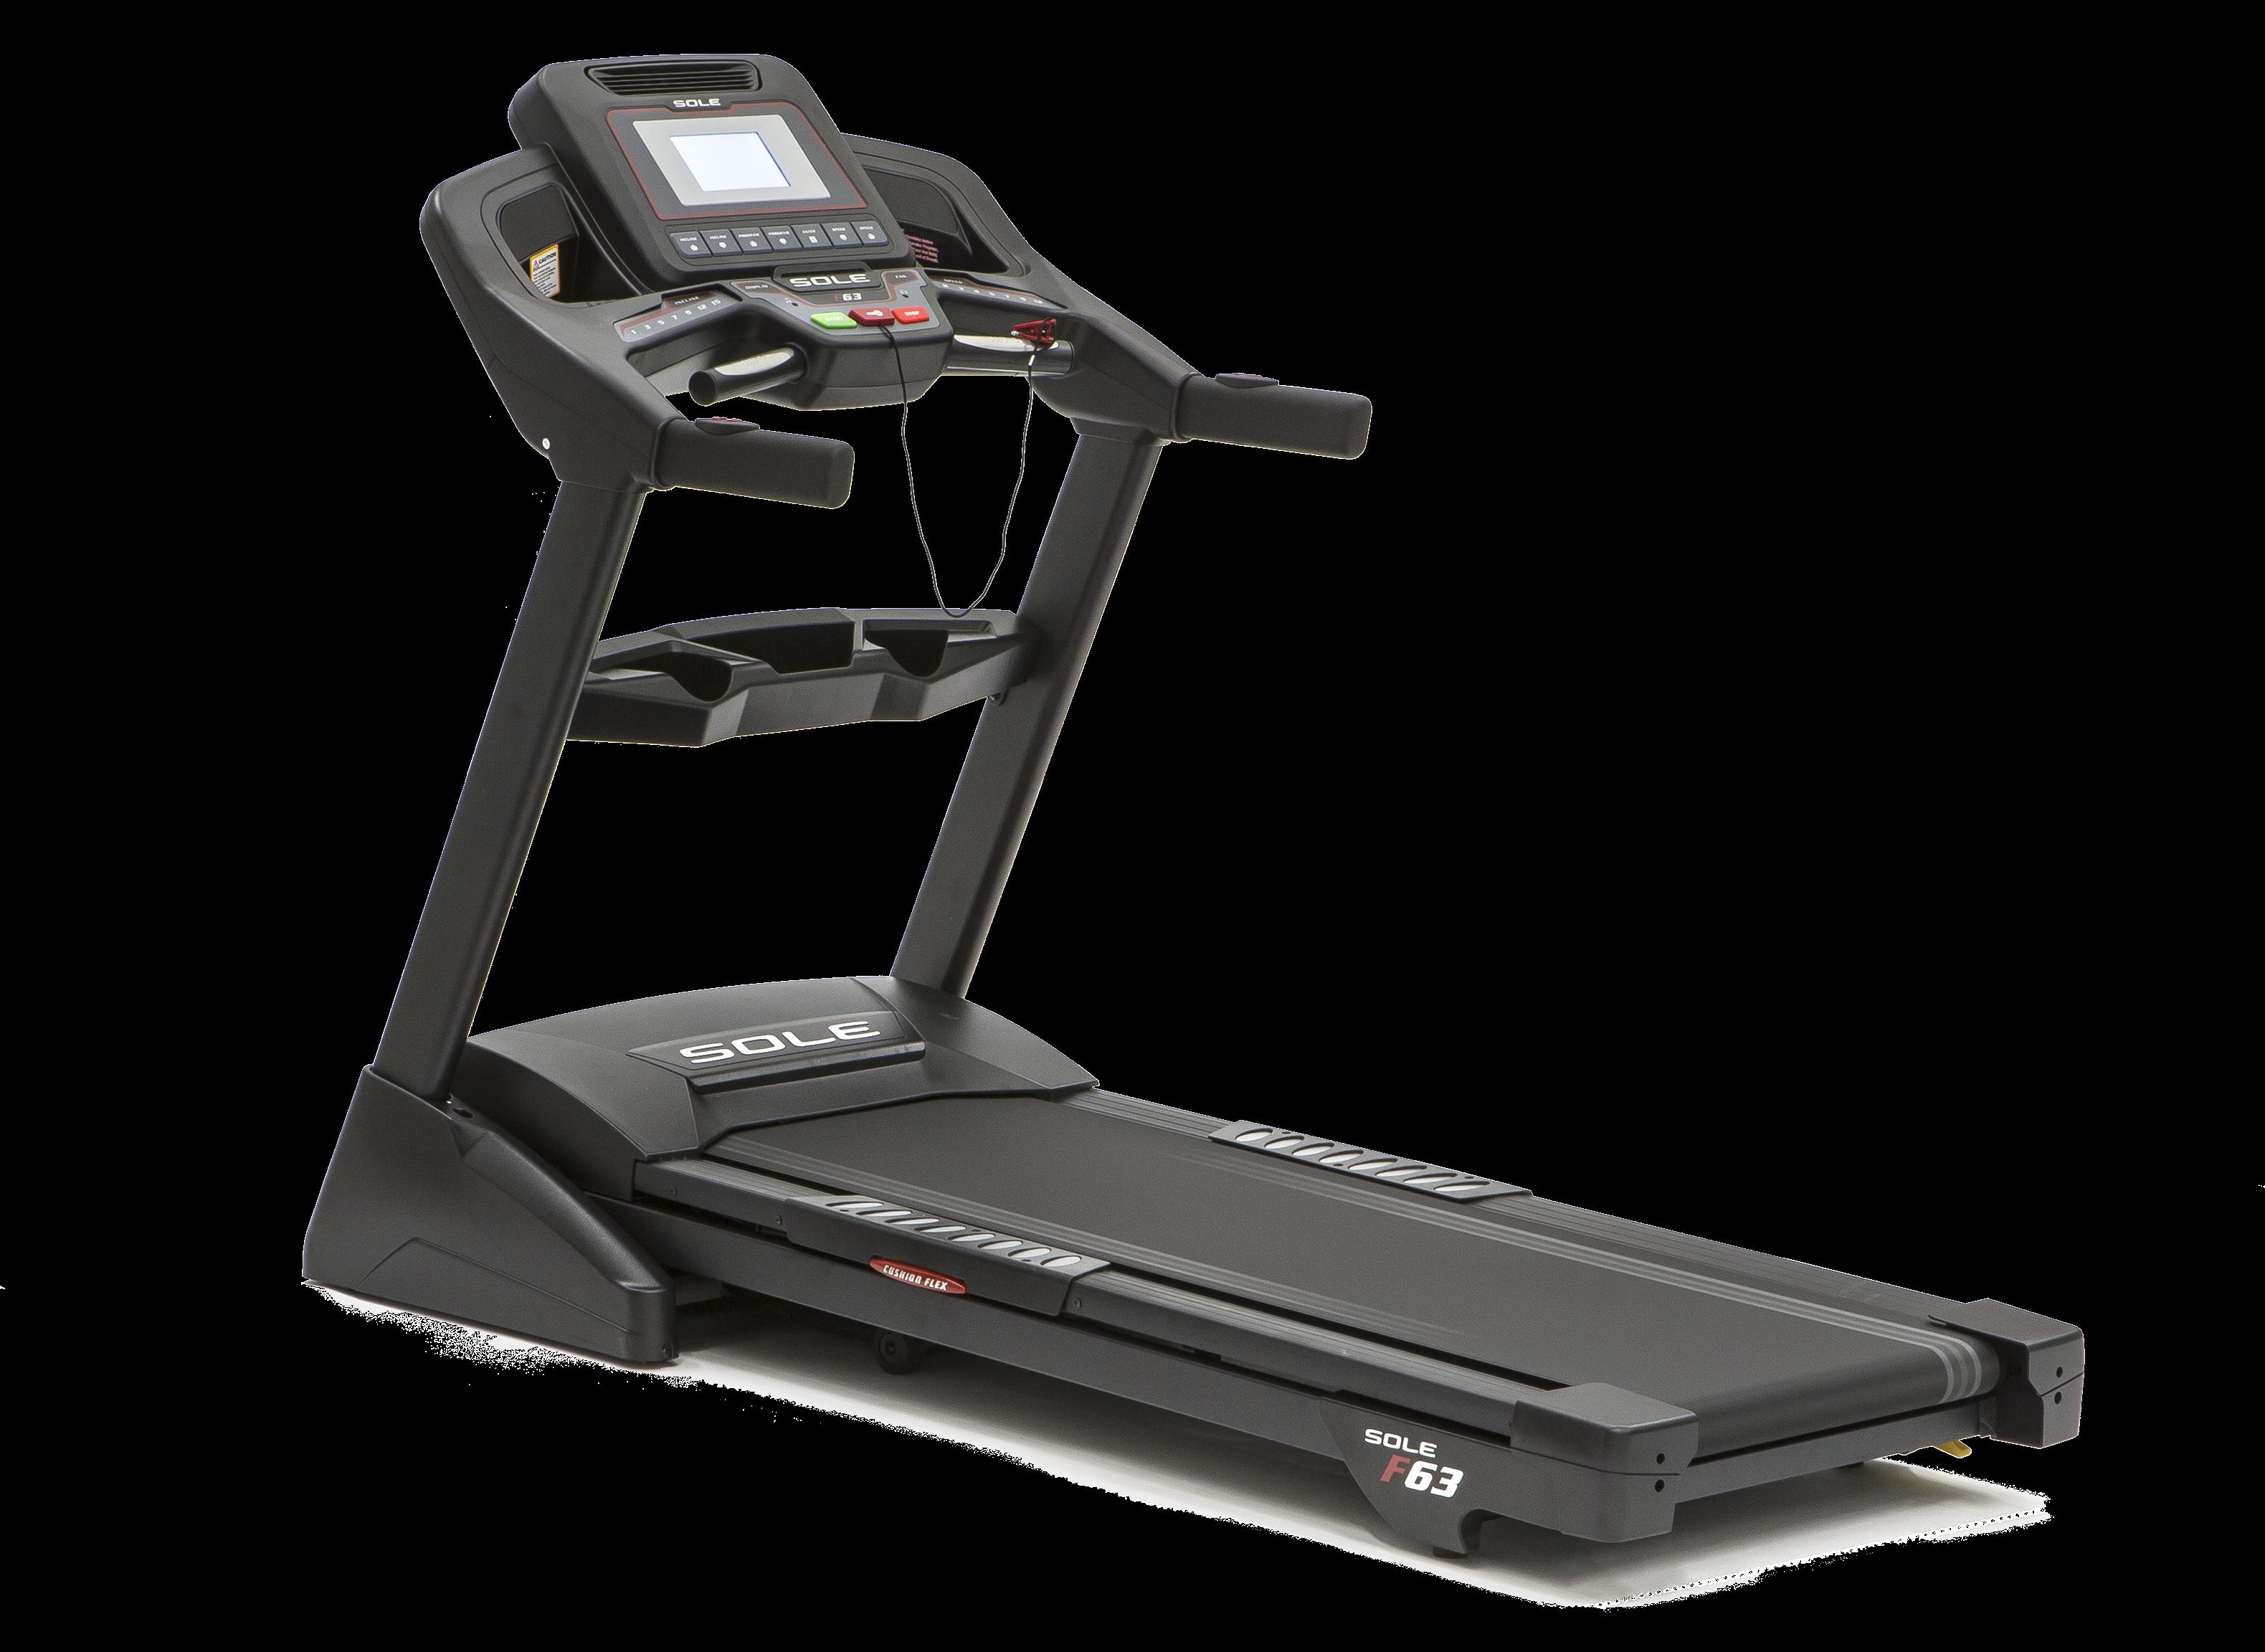 Sole F63 Treadmill - Consumer Reports